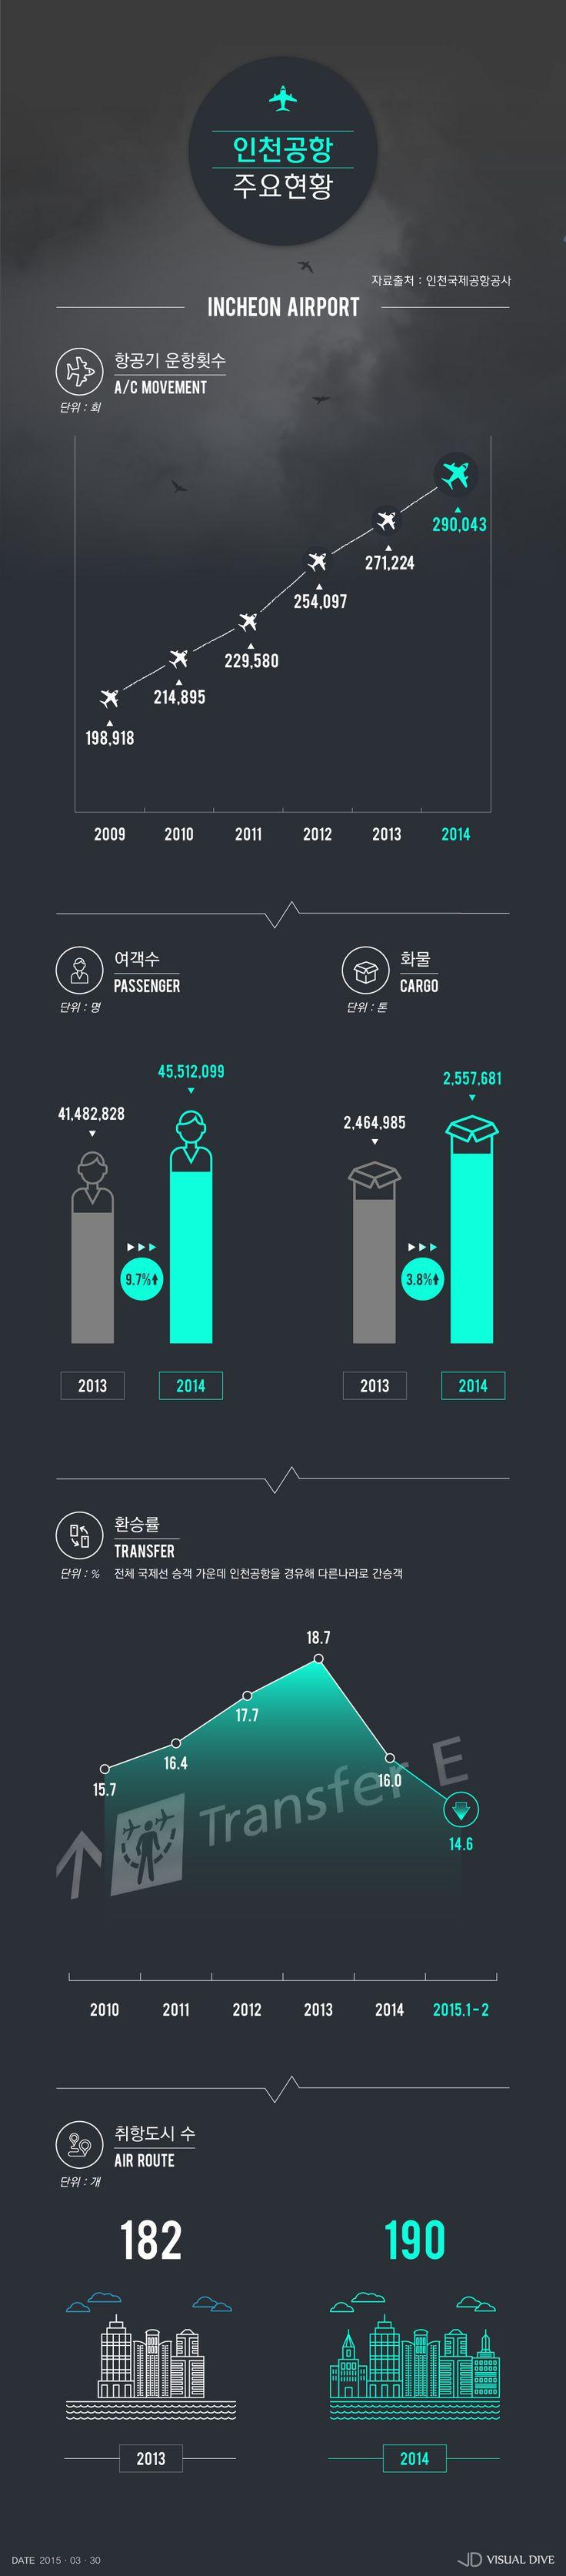 개항 14년 맞은 인천공항, 여객 수 늘고 환승률 줄어 [인포그래픽] #IncheonAirport / #Infographic ⓒ 비주얼다이브 무단 복사·전재·재배포 금지